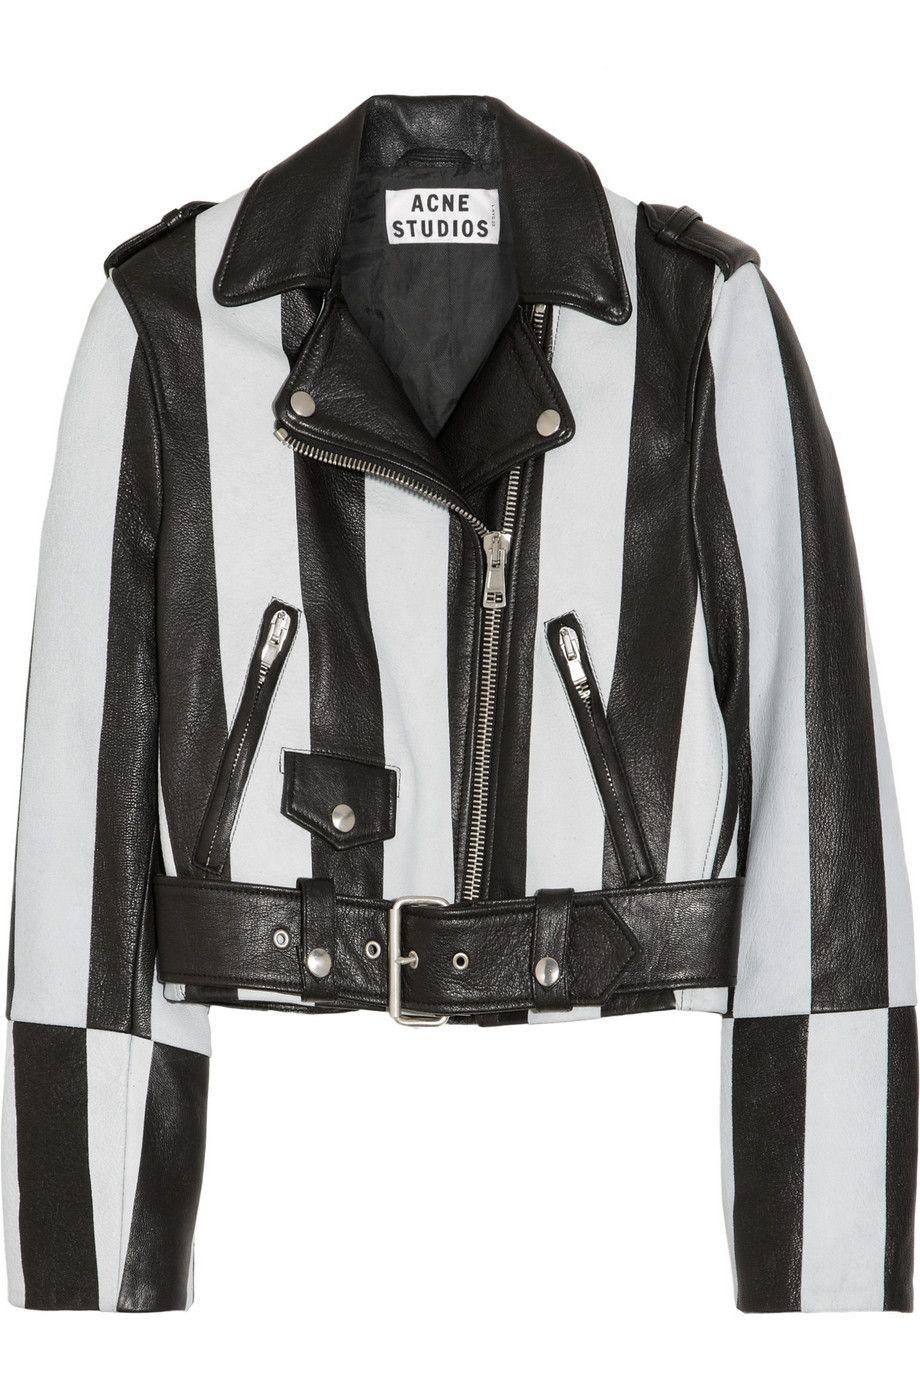 Mock Black Stylish leather jacket, Leather jacket, Jackets